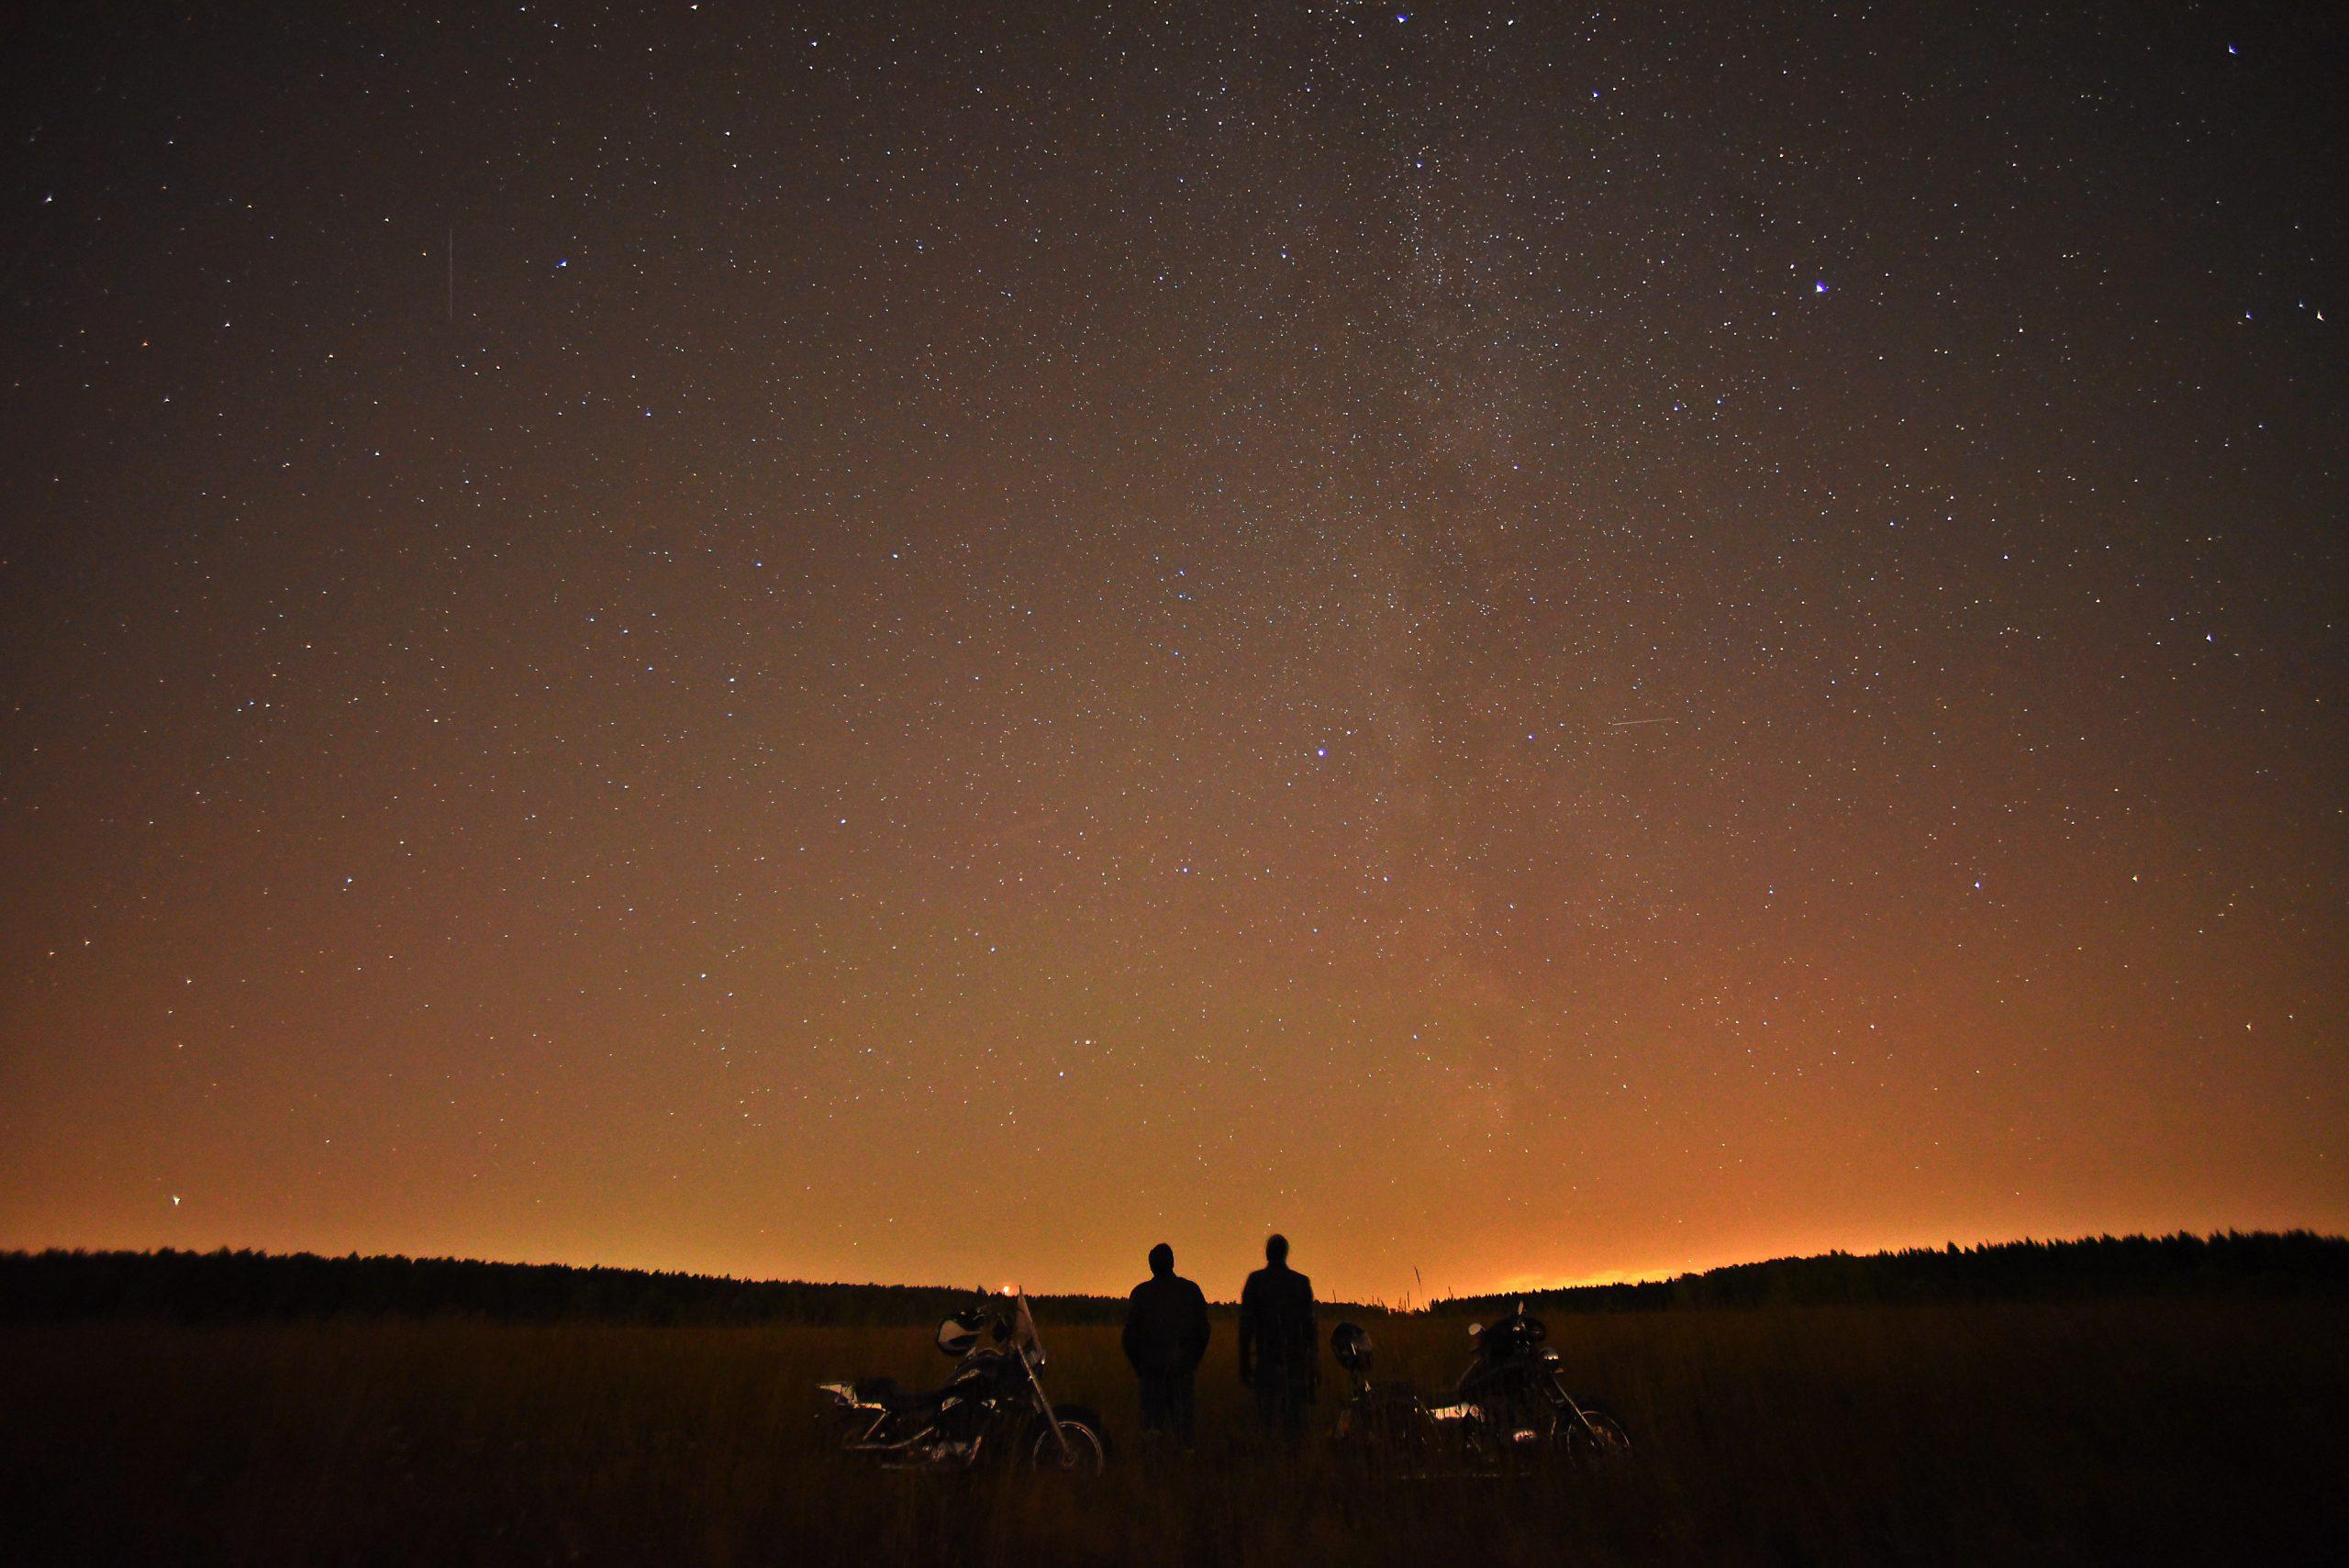 Поэзия и космос: в ЗИЛе представят необычный проект